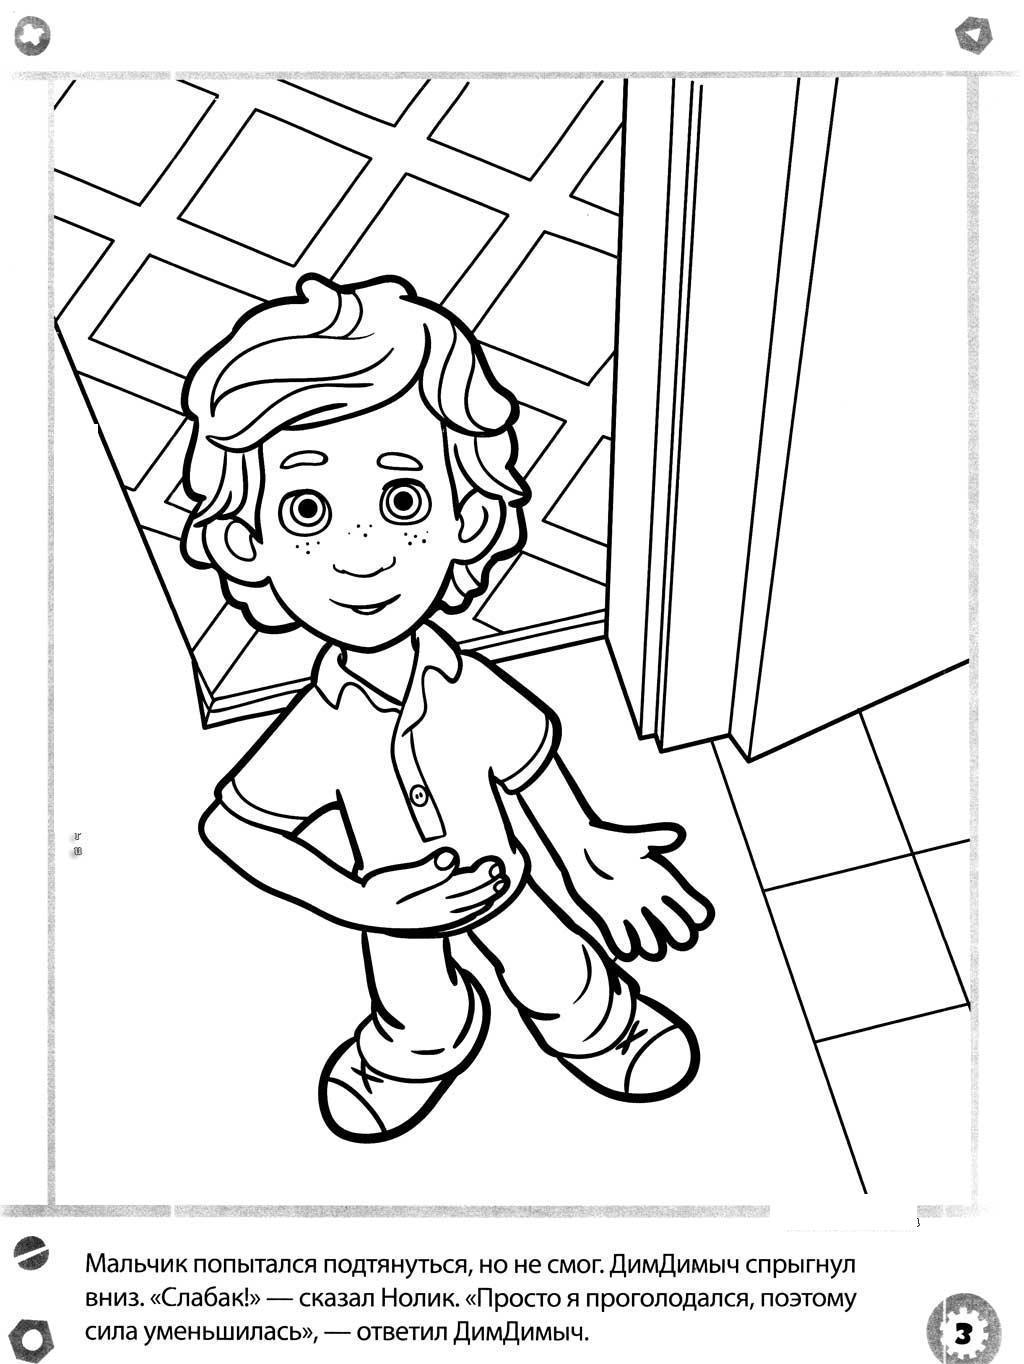 Мальчик Раскраски фиксики | раскраска из мультика фиксики, нолик и симка ... Раскраски распечатать